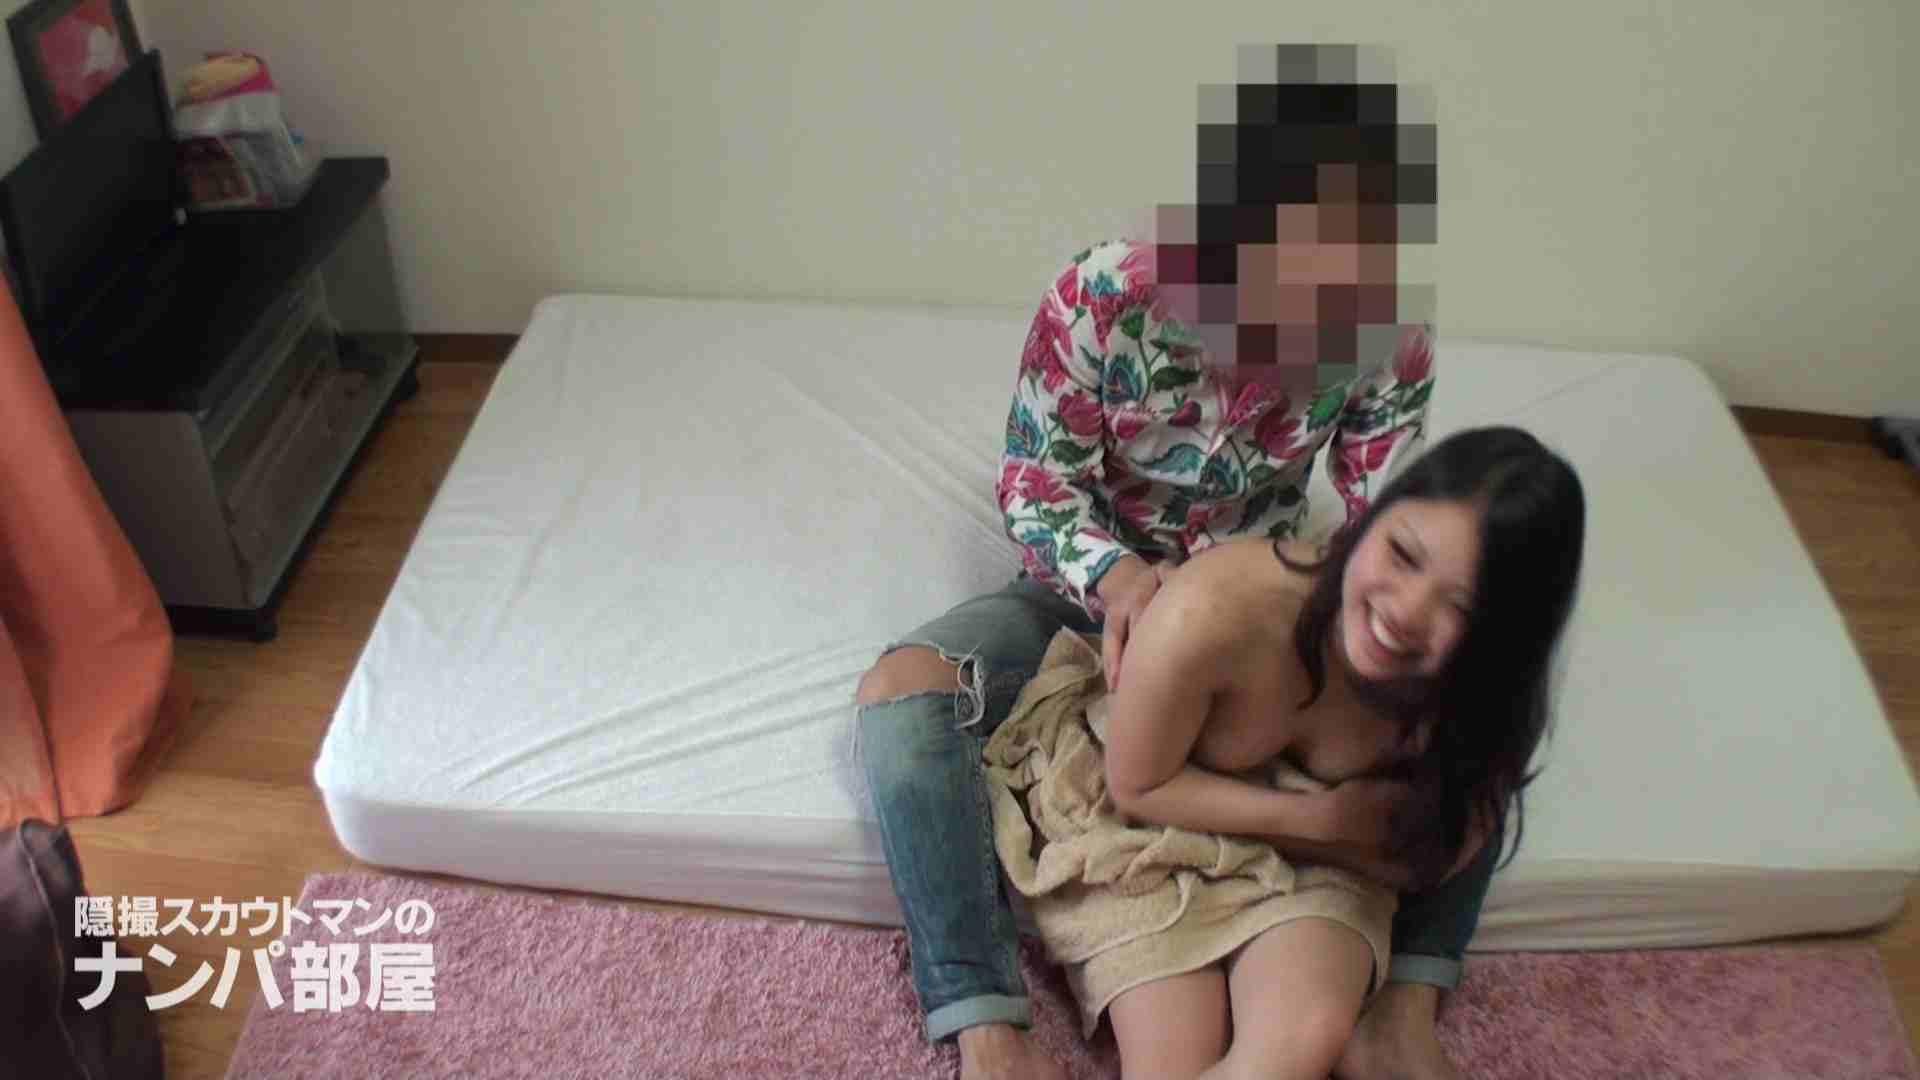 隠撮スカウトマンのナンパ部屋~風俗デビュー前のつまみ食い~hanavol.2 SEX アダルト動画キャプチャ 88pic 69